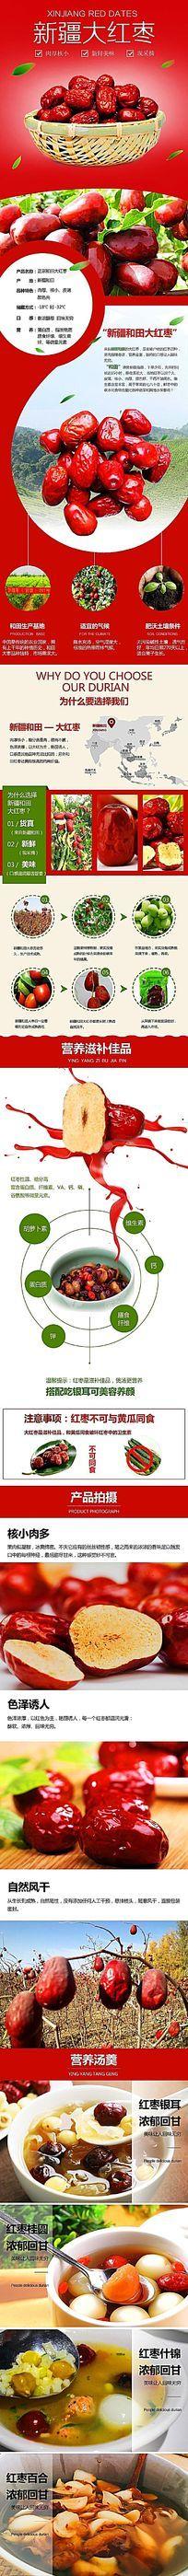 大红枣淘宝详情页宝贝描述模板